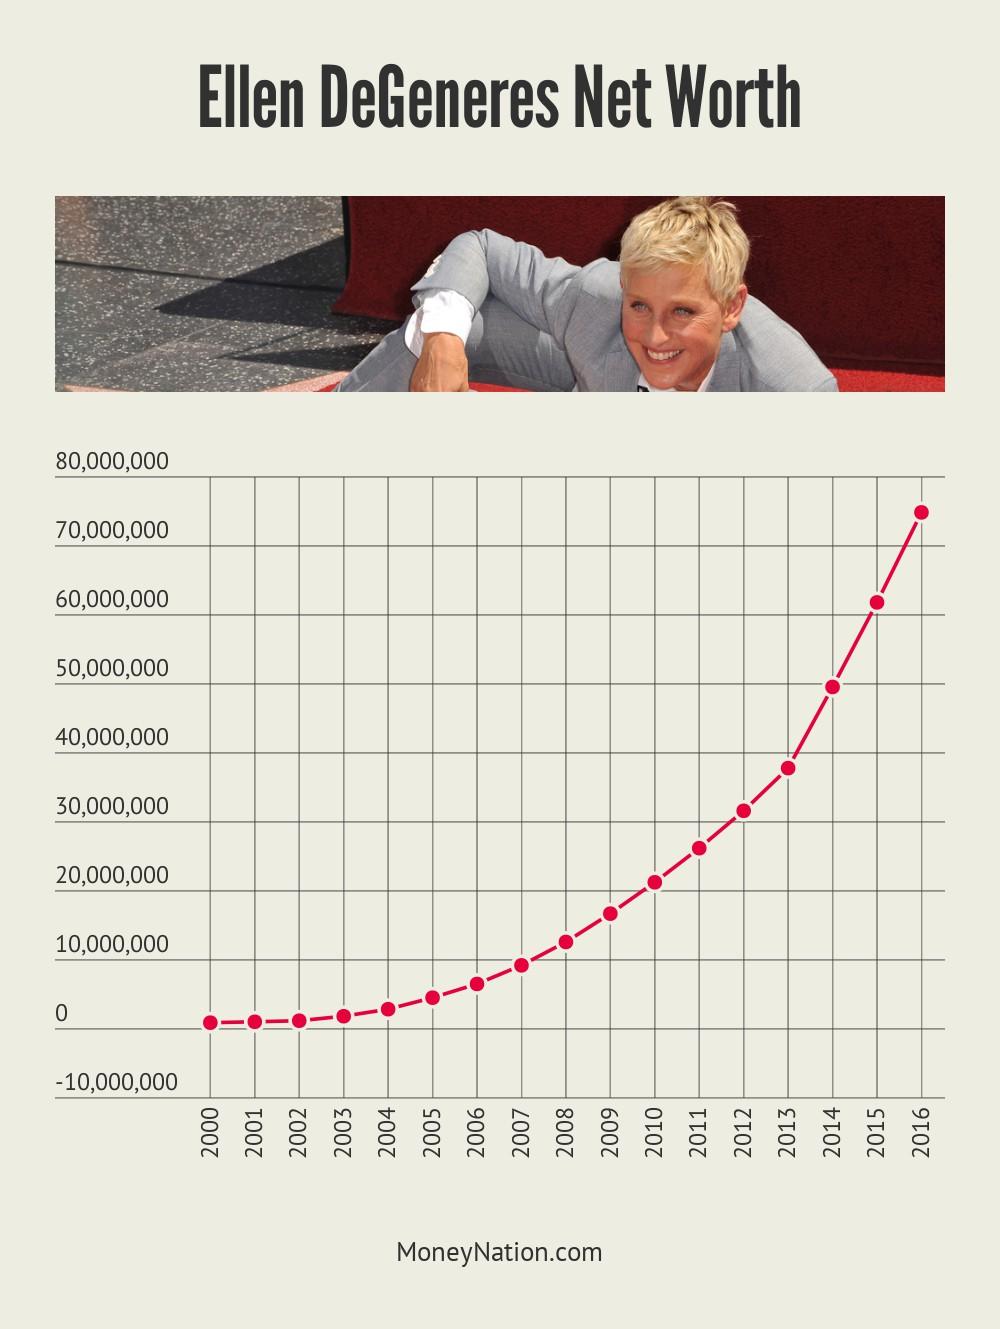 Ellen DeGeneres Net Worth Time